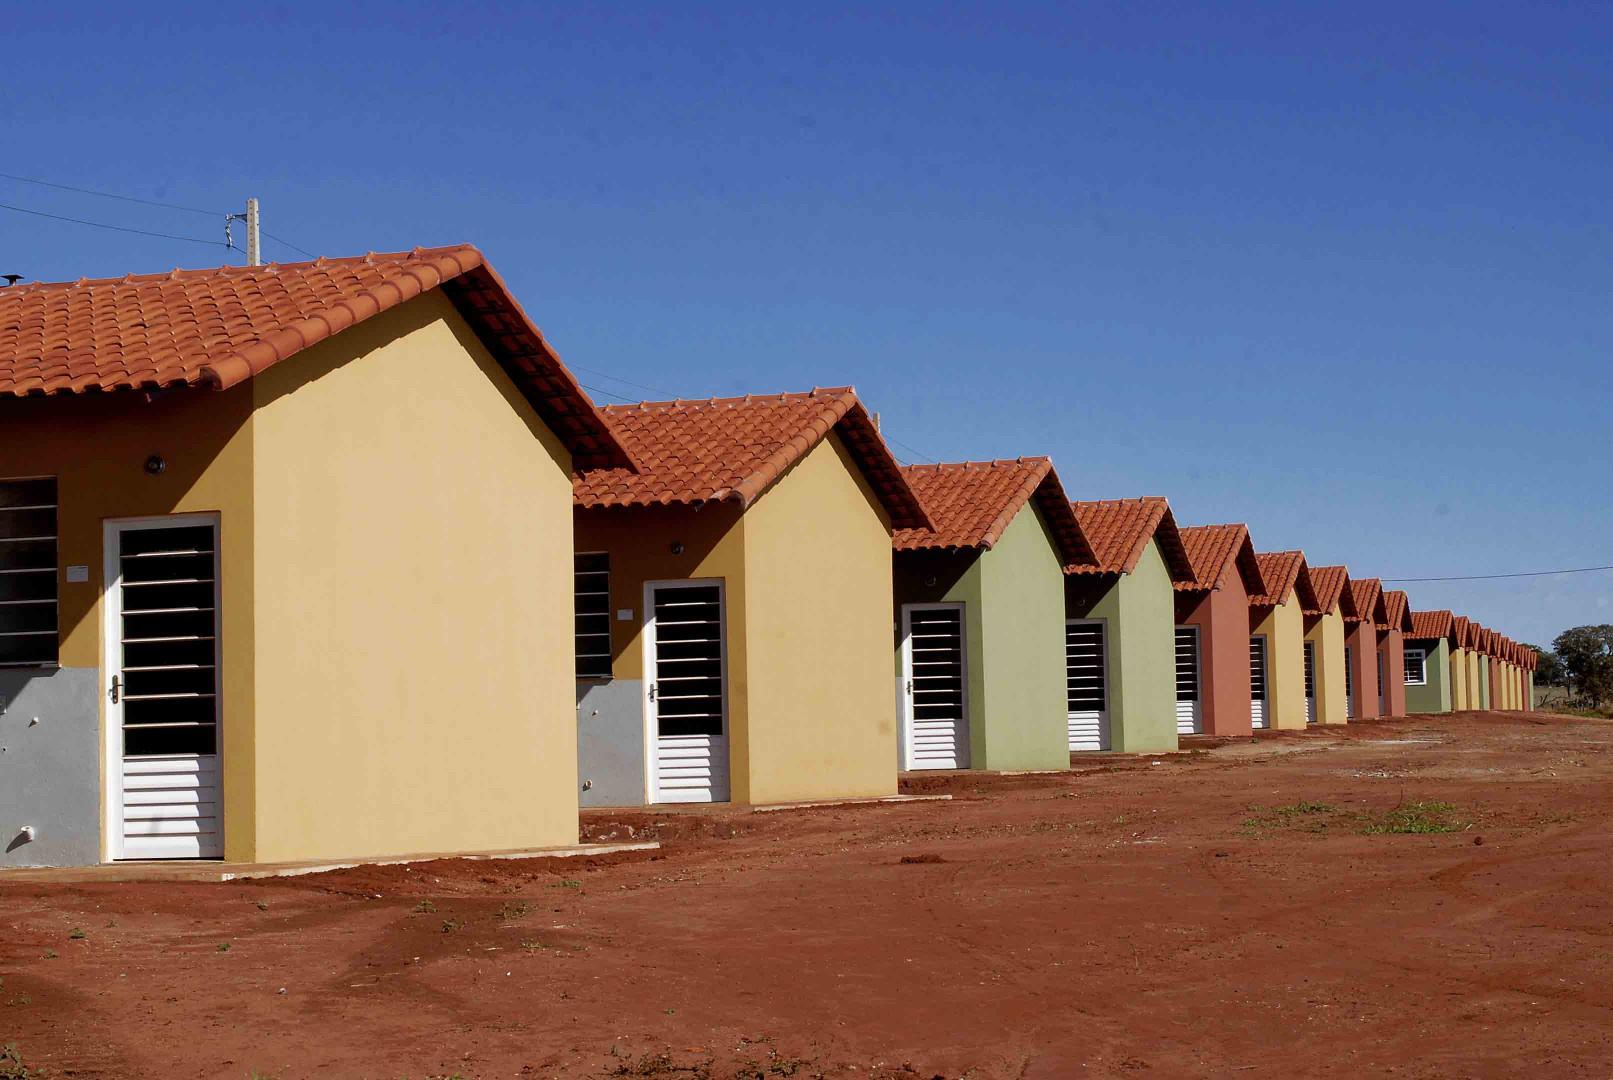 Casas-populares